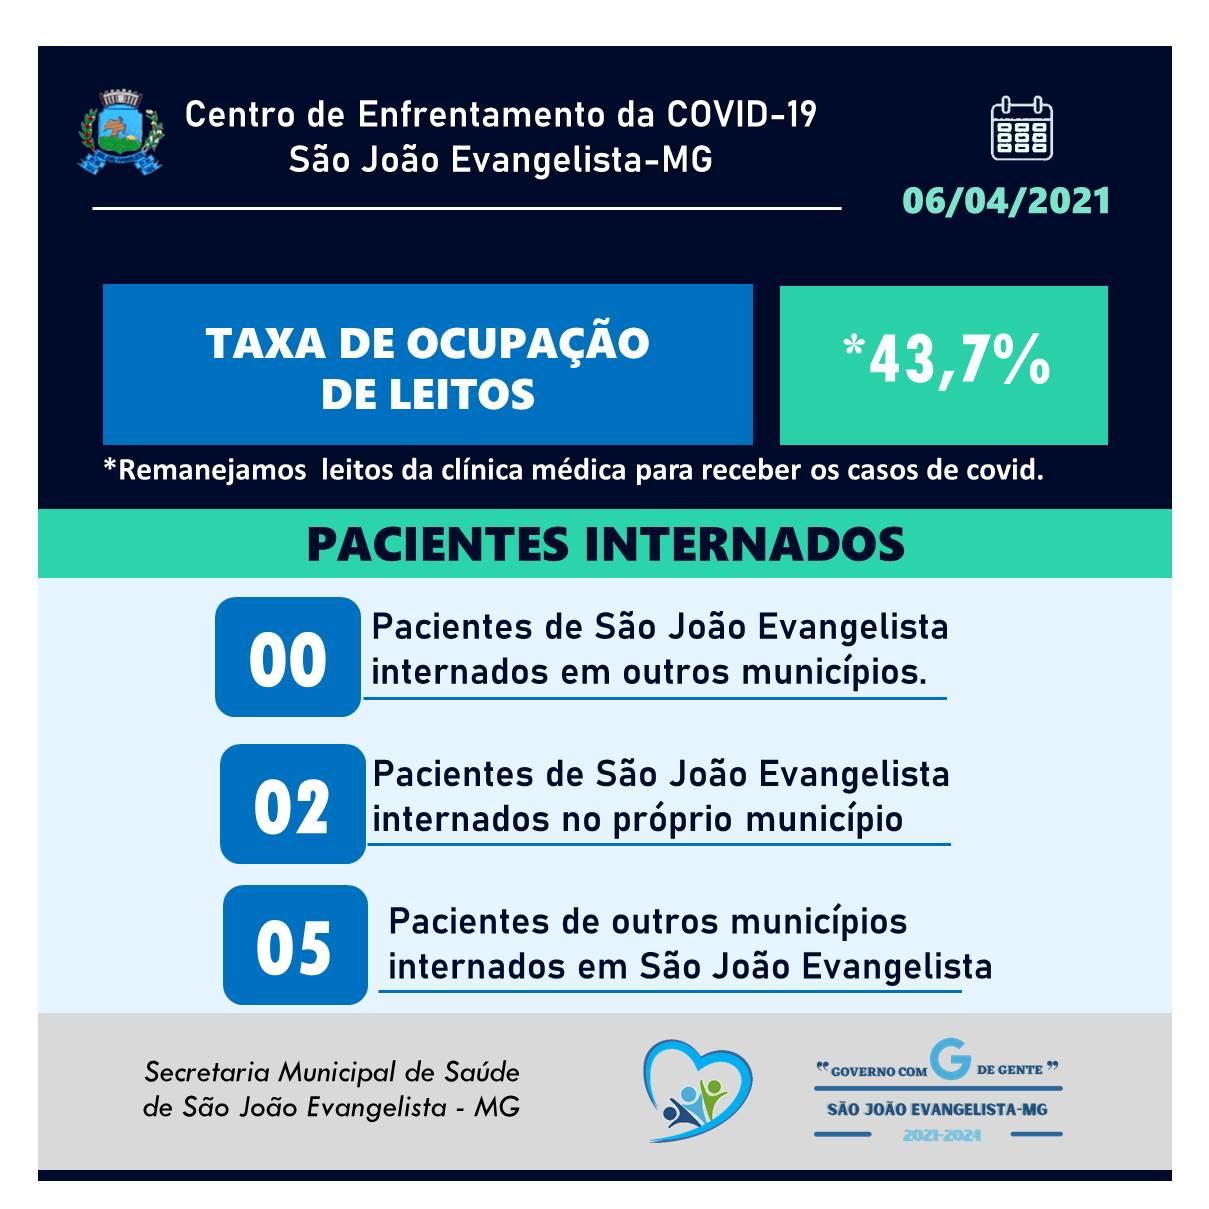 TAXA DE OCUPAÇÃO DE LEITOS - 06/04/2021